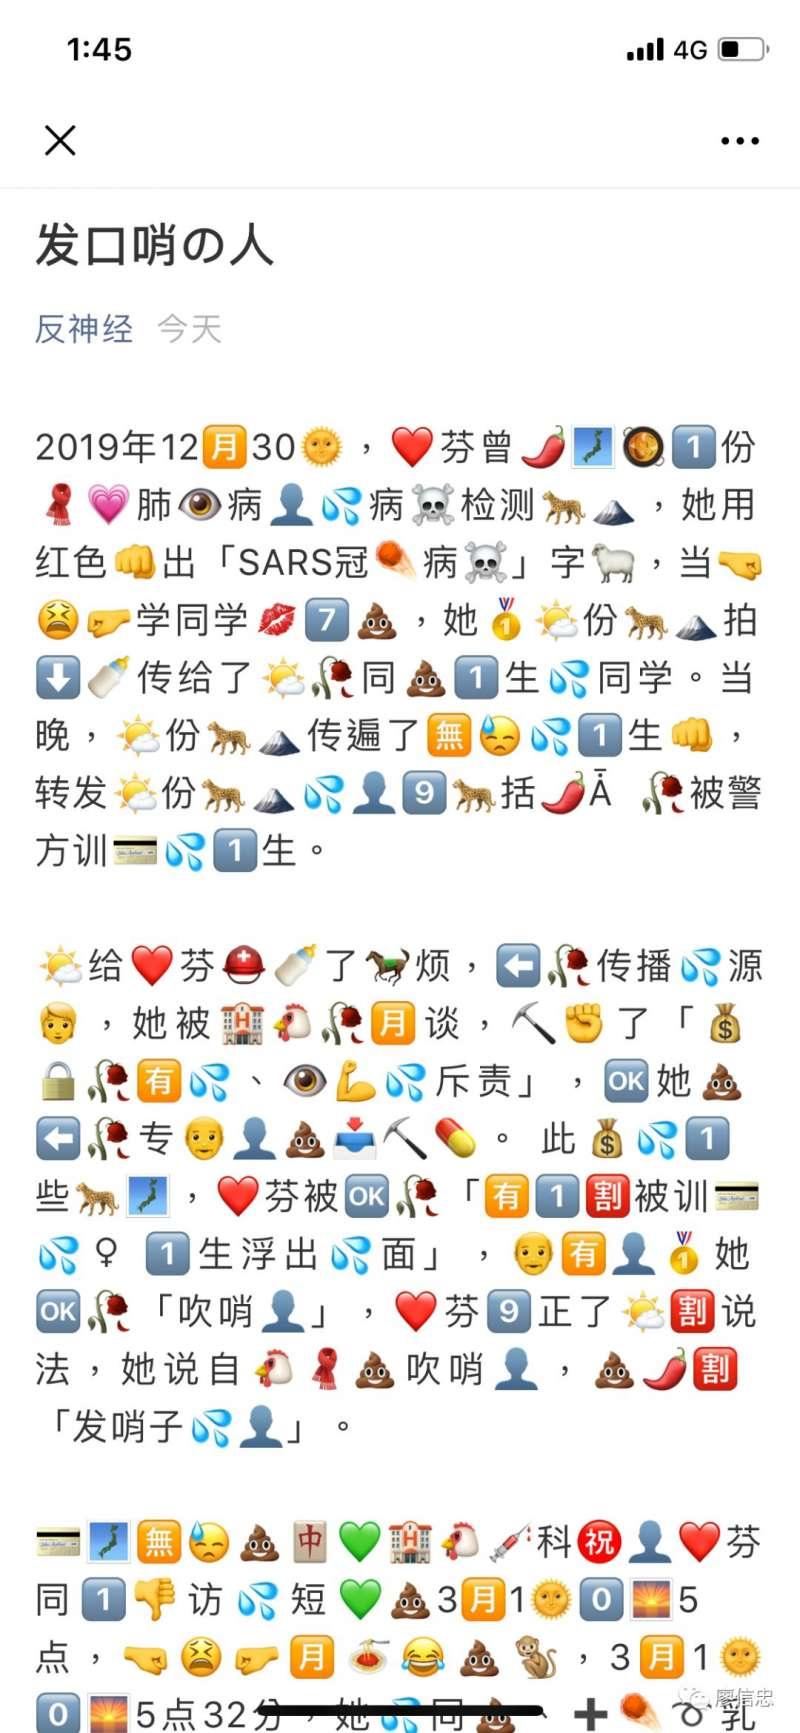 12(圖/微信公眾號廖忠信)